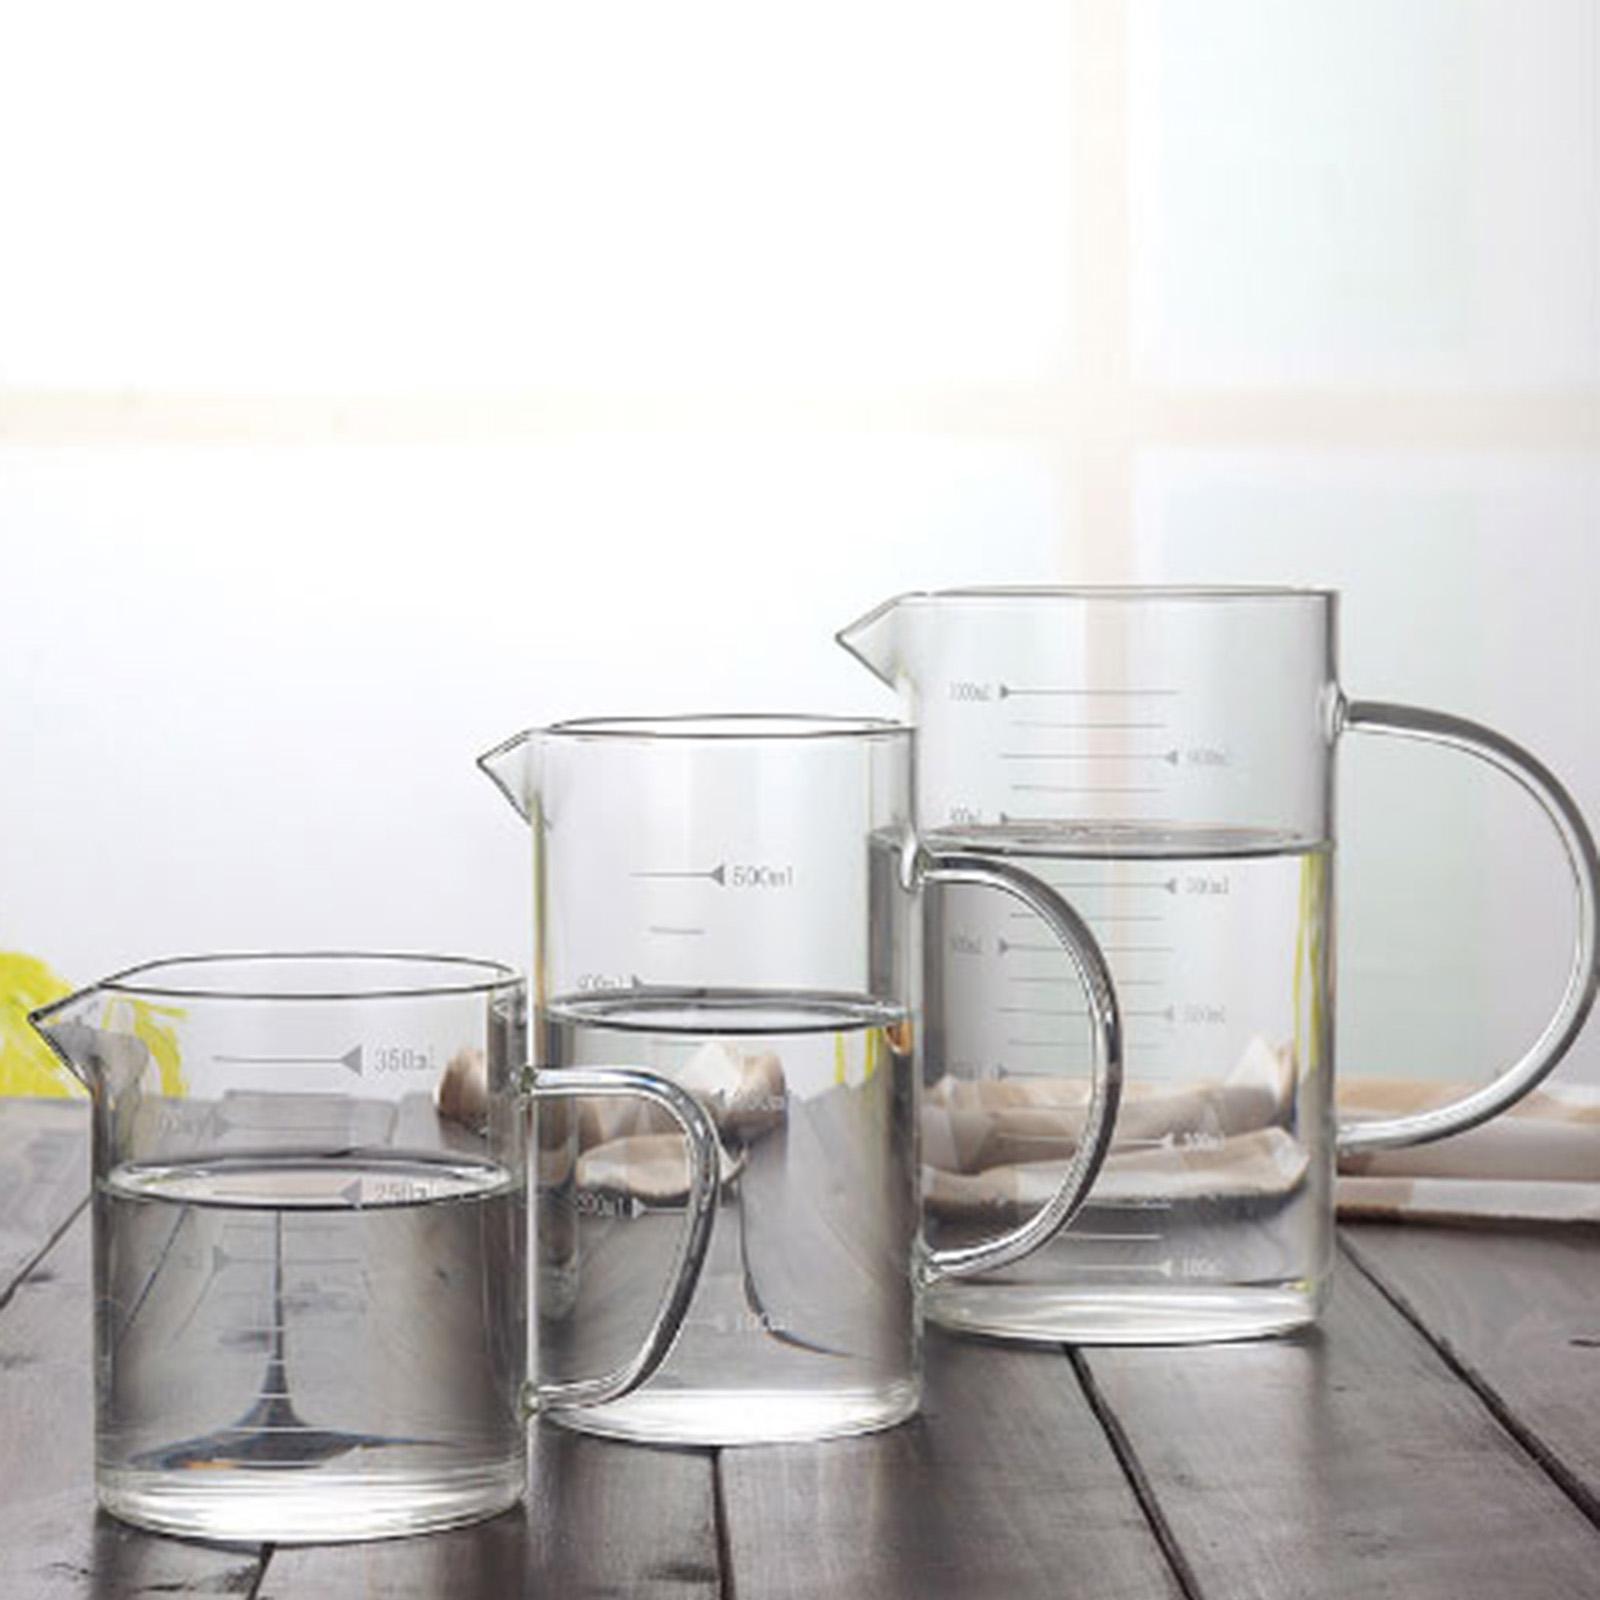 Misurino-in-vetro-borosilicato-con-intervalli-di-250-500ML-Accessori-da-cucina miniatura 22